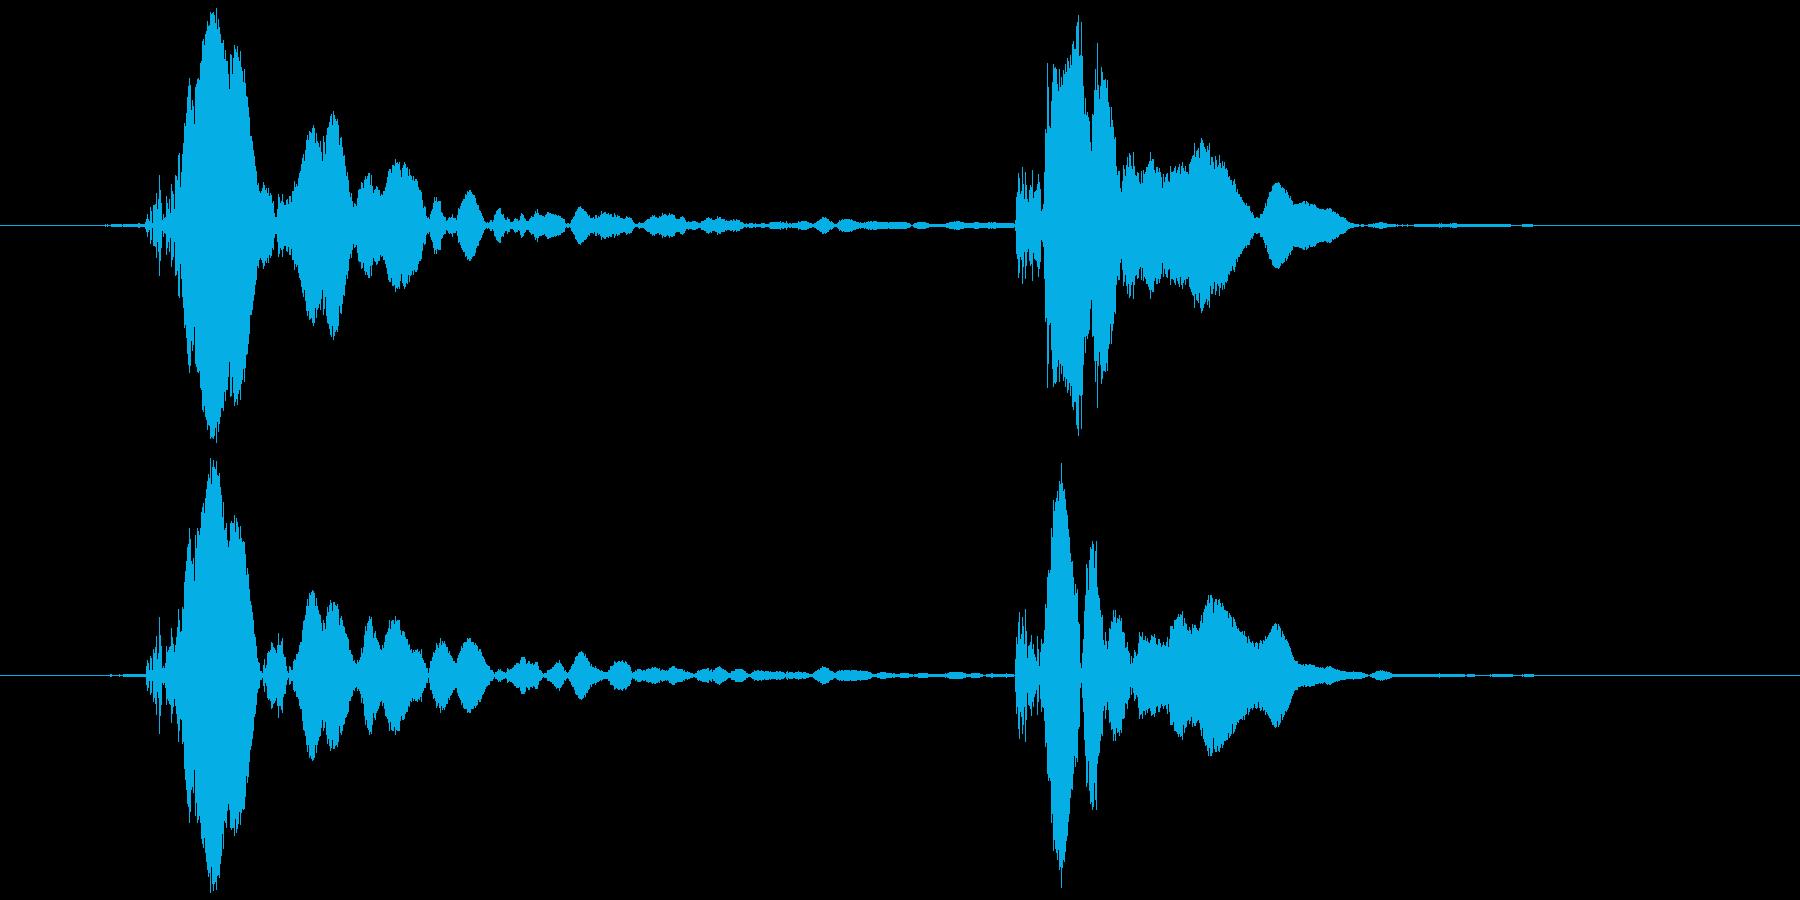 ピコピコハンマー ピコッ (低め)の再生済みの波形